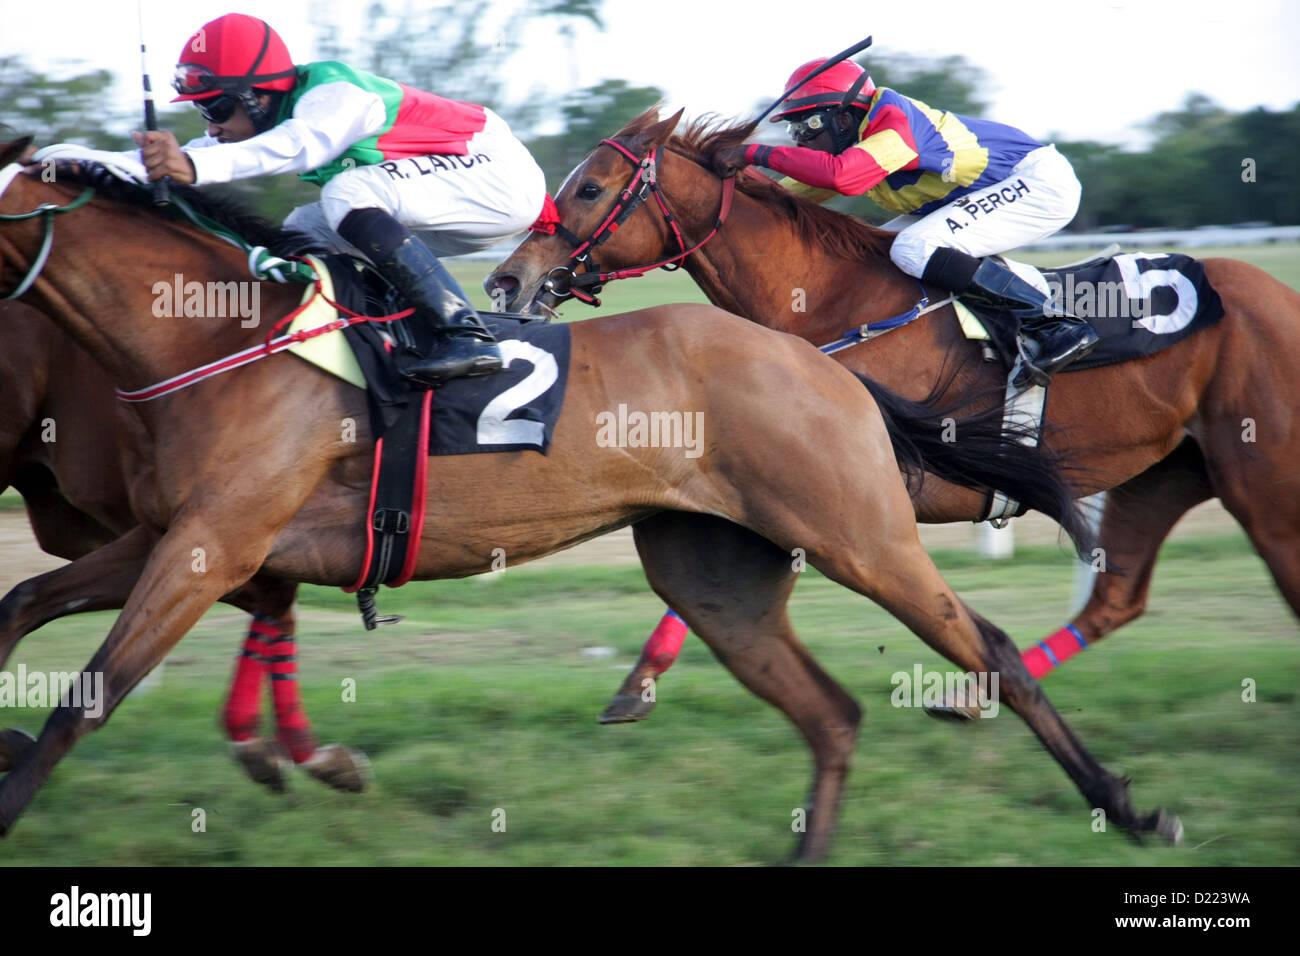 Las carreras de caballos en el Hipódromo de sabana, Bridgetown, Barbados Imagen De Stock